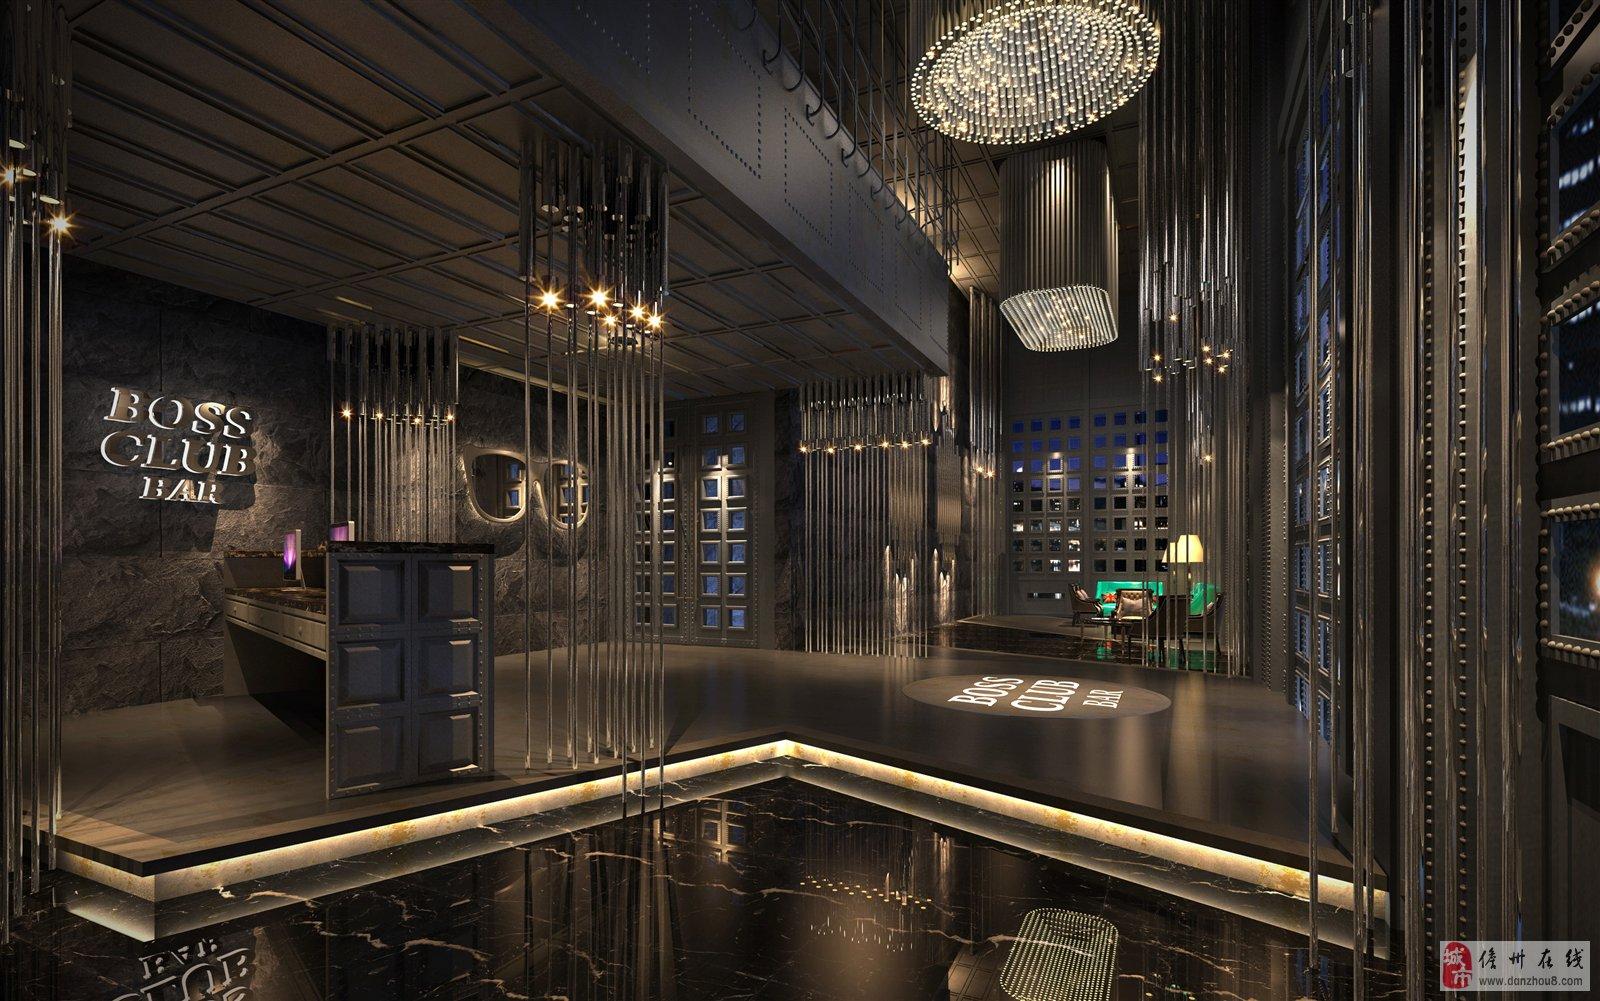 二十余个ktv包厢,整体设计由香港酒吧品牌设计师倾力创造;全场采用